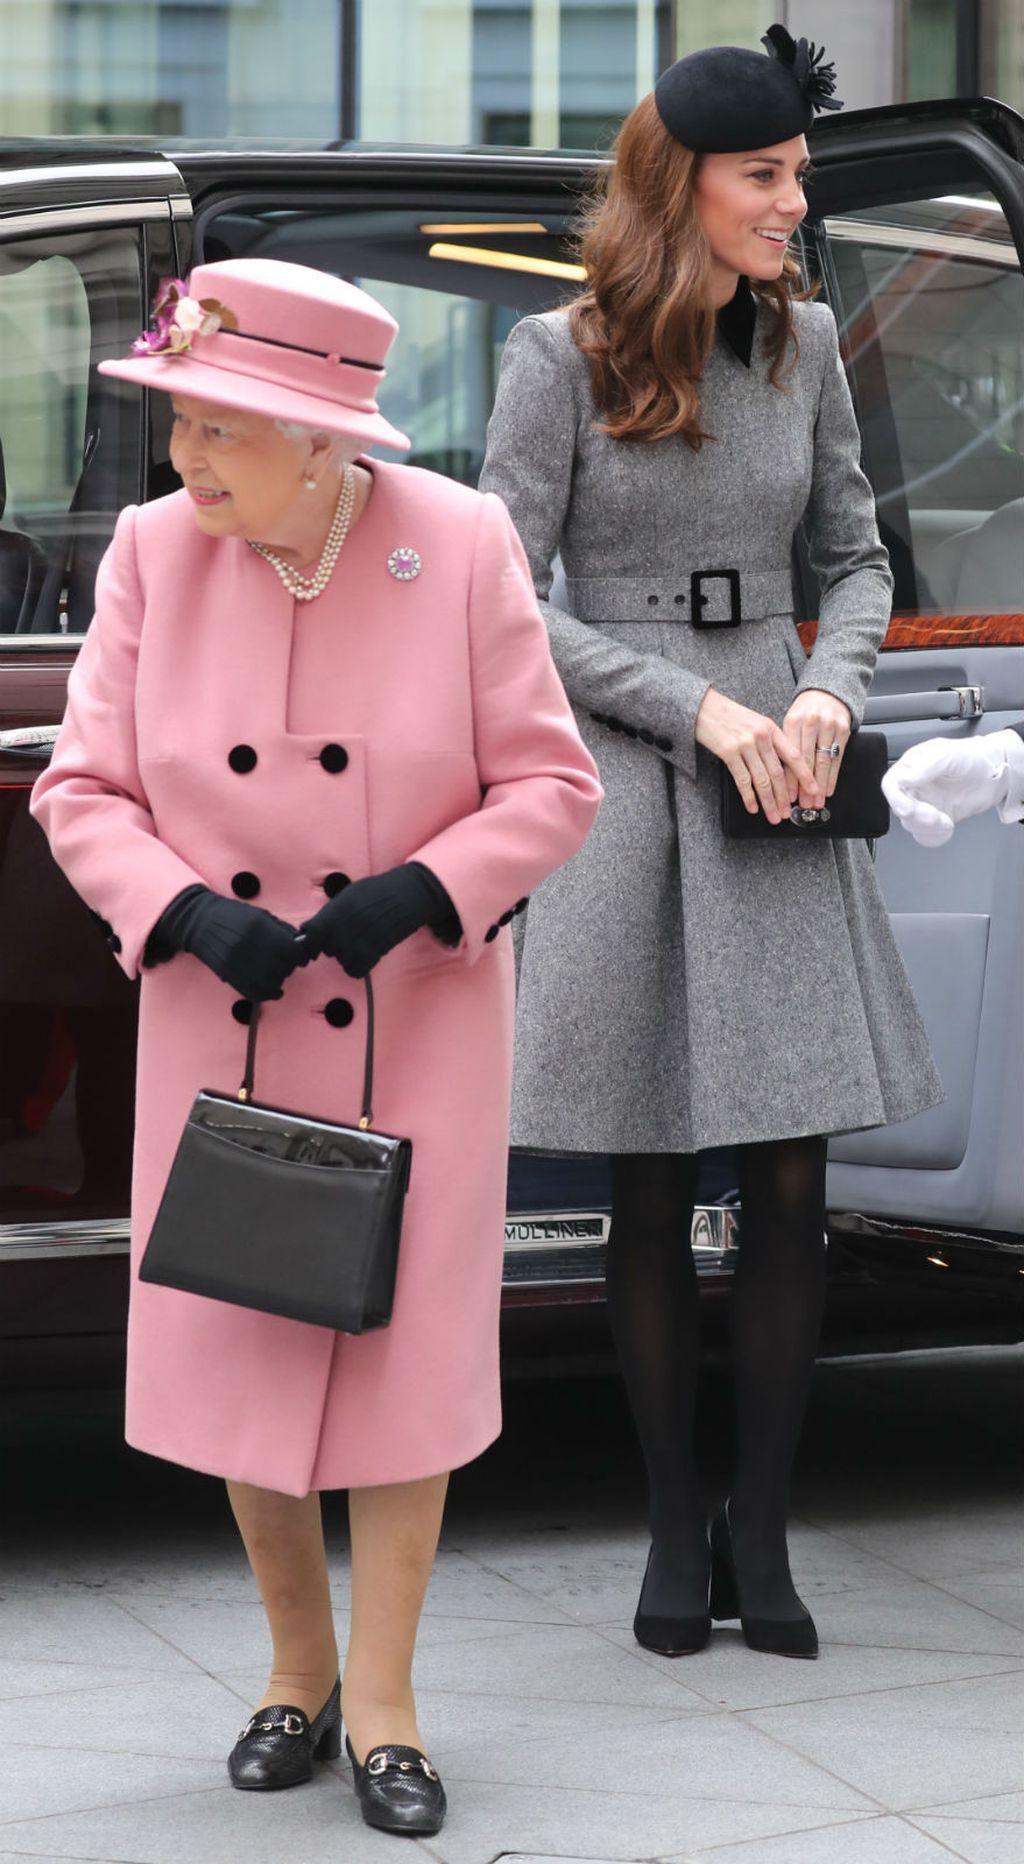 Kraljica Elizabeta i vojvotkinja Catherine Middleton posjetile su King\'s College u Londonu - 2